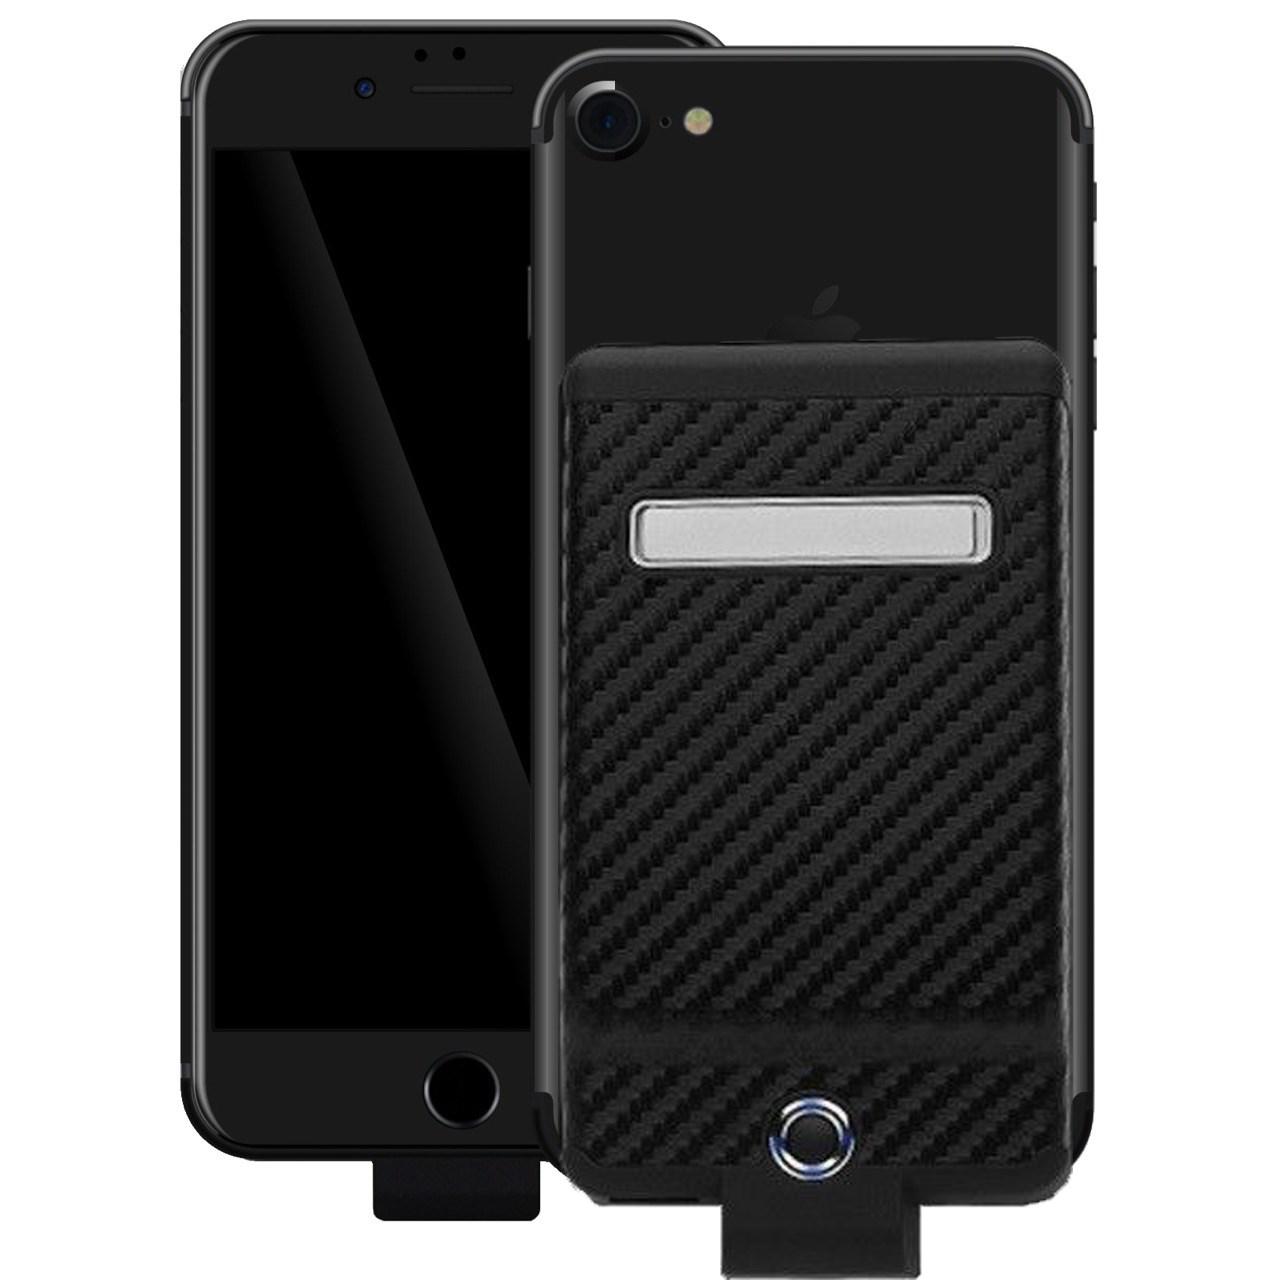 قیمت شارژر همراه ویکآپ ورلد مدل Back Clip Power ظرفیت 8000 میلی آمپر ساعت مناسب برای iphone 6